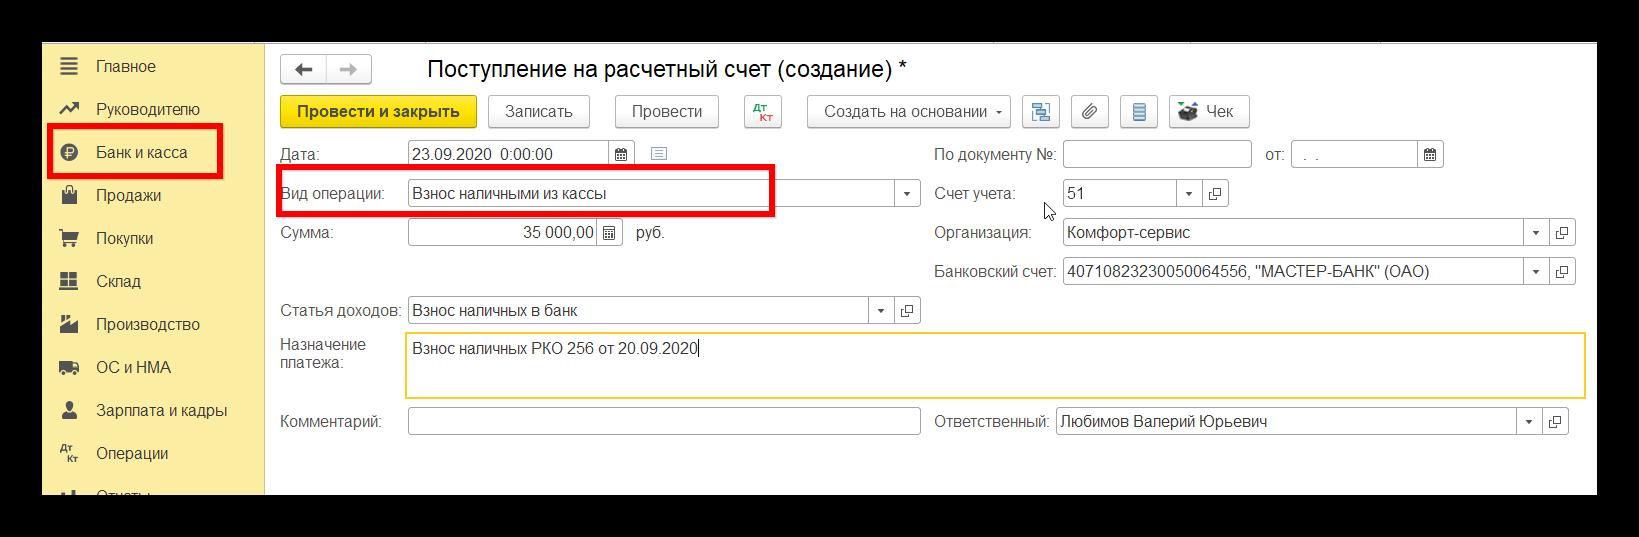 Документ «Поступление на расчетный счет»